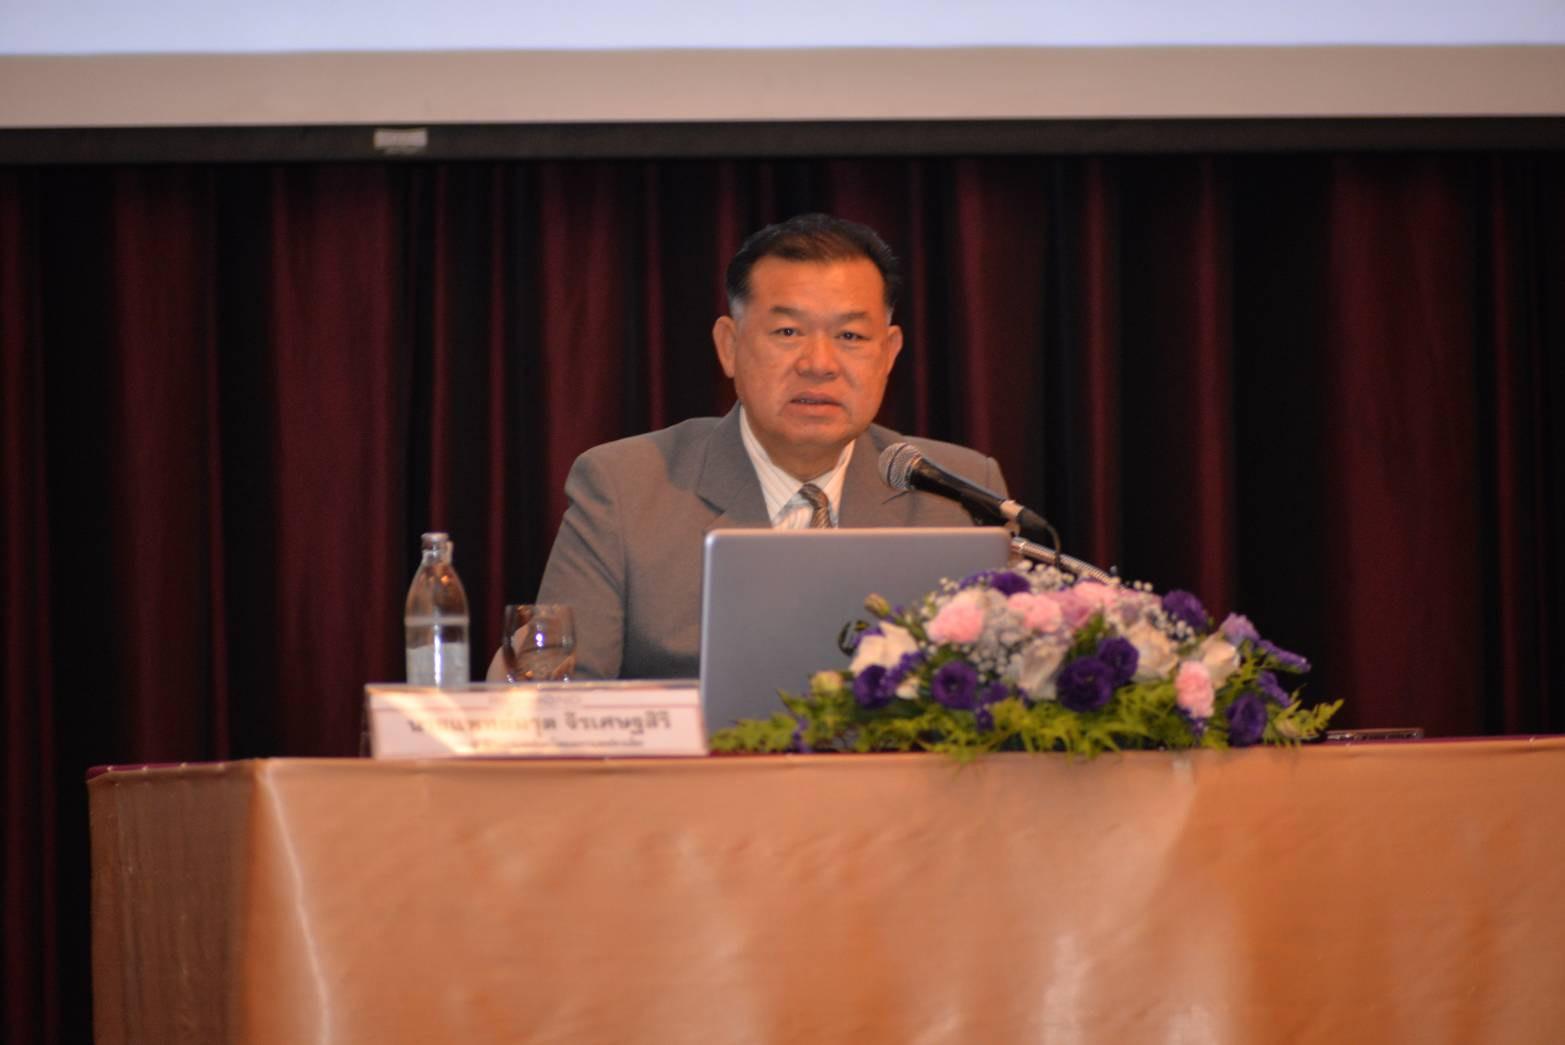 เล็งขยายคลินิกกัญชาแผนไทย 110 แห่ง ใน 76 จังหวัด เร่งเก็บข้อมูลวิจัยน้ำมันเดชา